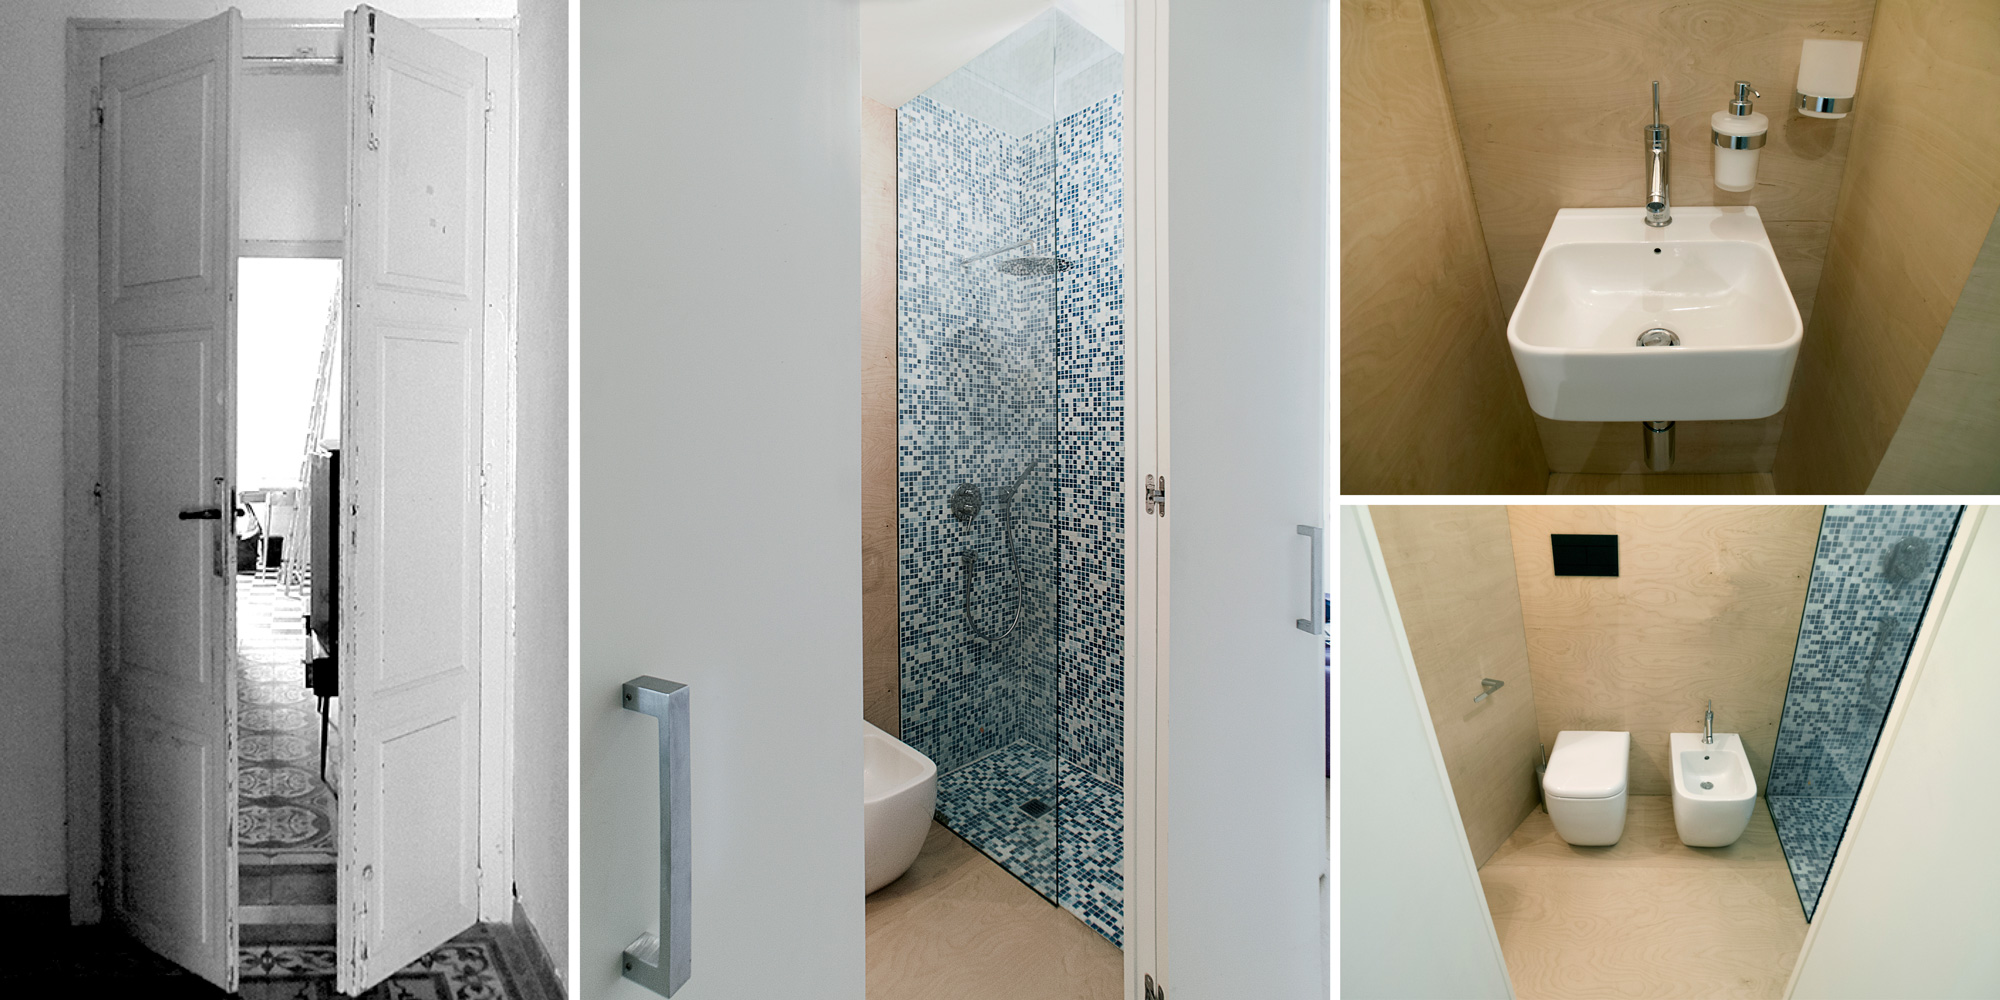 Dettagli del bagno padronale. Porte a tutta altezza e a doppia anta danno accesso ai bagni rielaborando la struttura delle porte interne originali per aumentare la funzionalità e accessibilità nello spazio